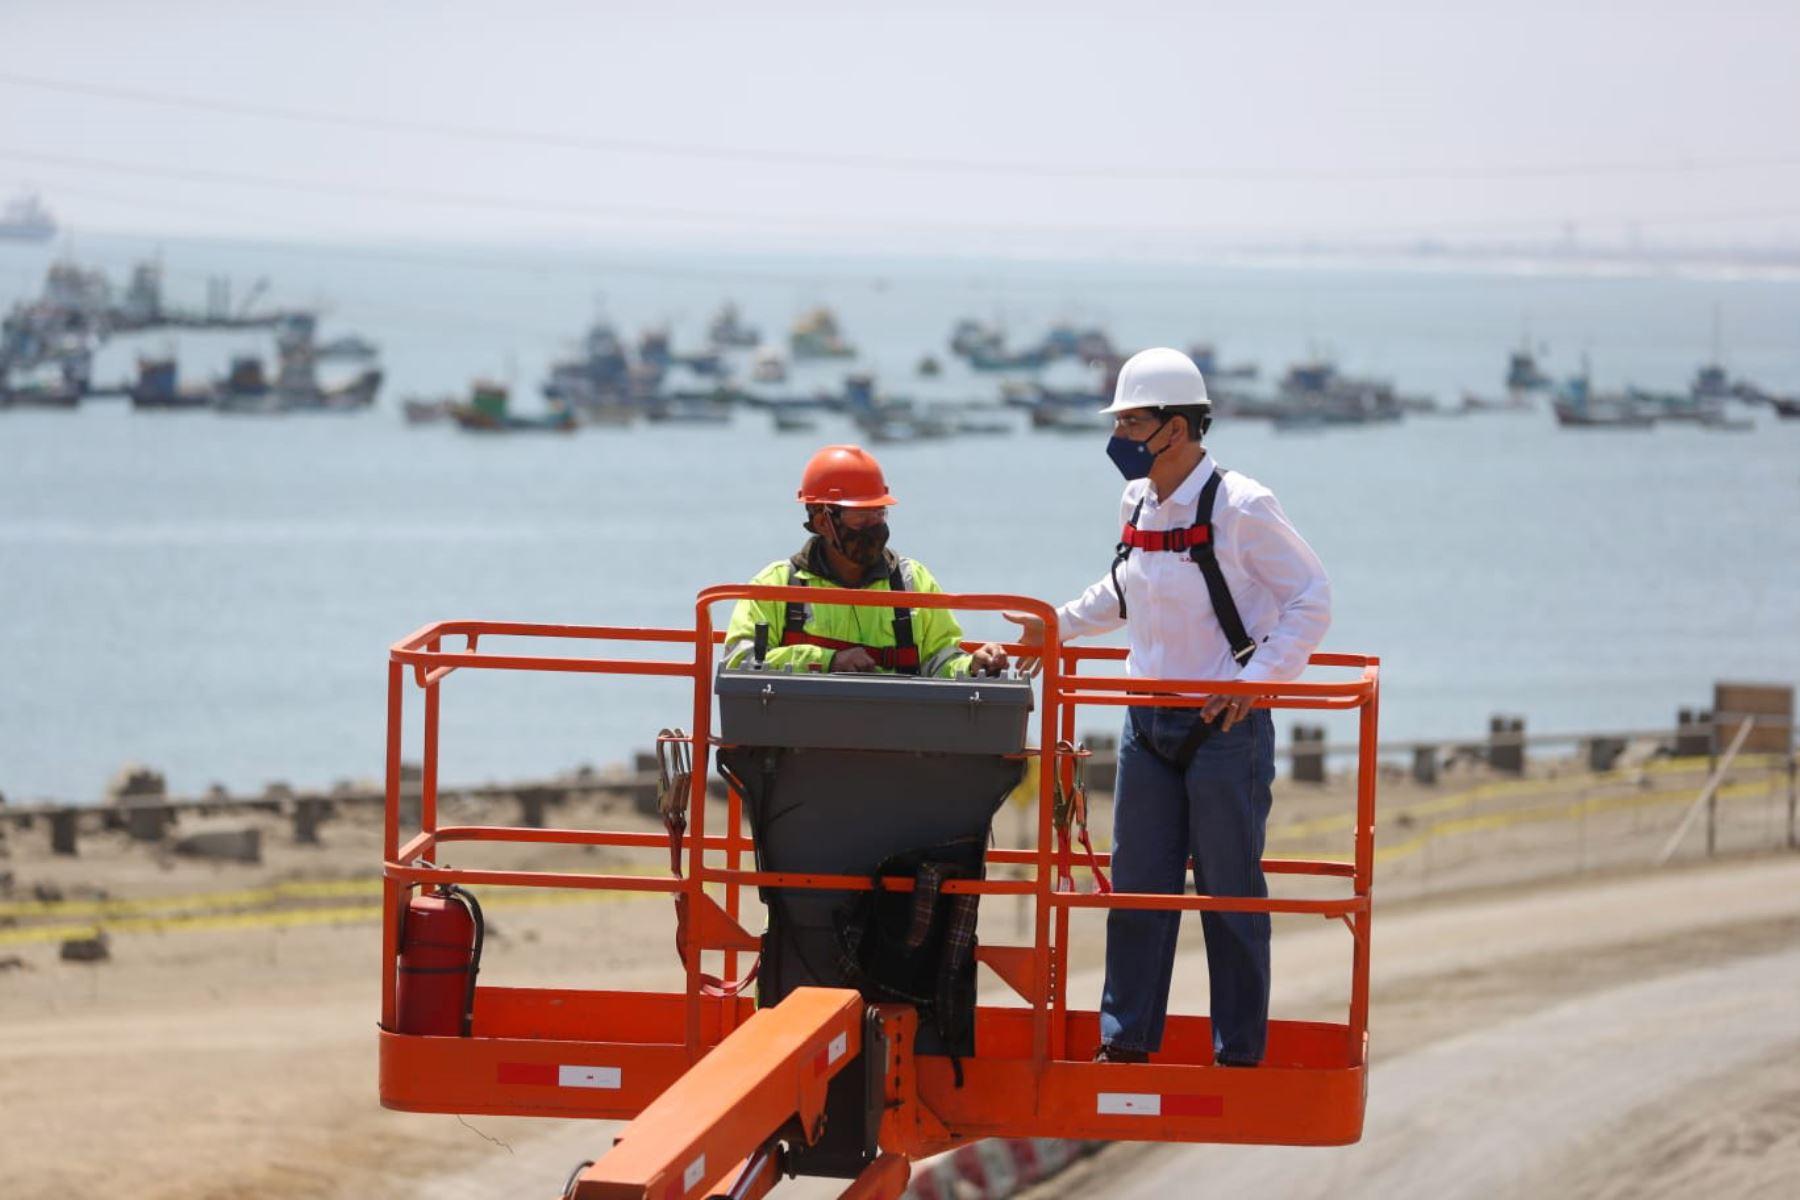 El presidente de la República, Martin Vizcarra  inspecciona los avances de la modernización del Terminal Portuario multipropósito de Salaverry, en la La Libertad. Foto: ANDINA/Prensa Presidencia